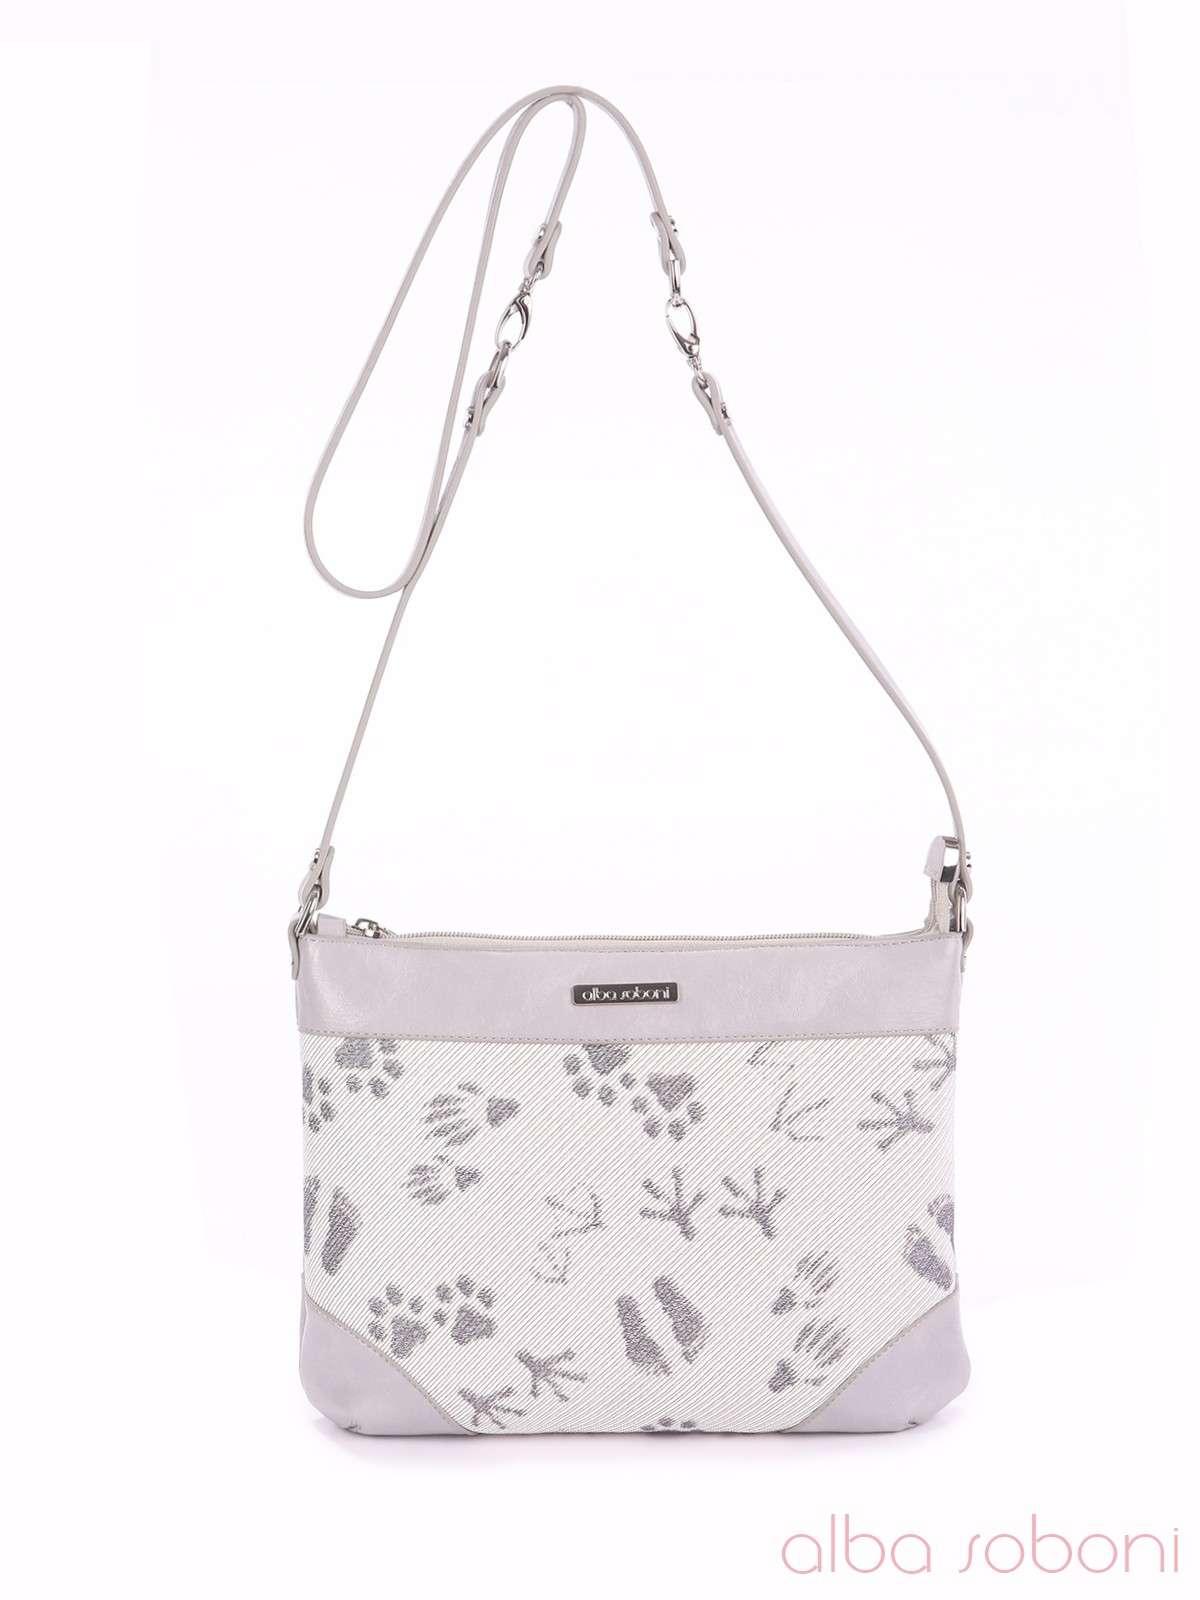 00fe68a48db2 Распродажа! Женский клатч, модель 160141 серый, купить в интернет-магазине  alba soboni.